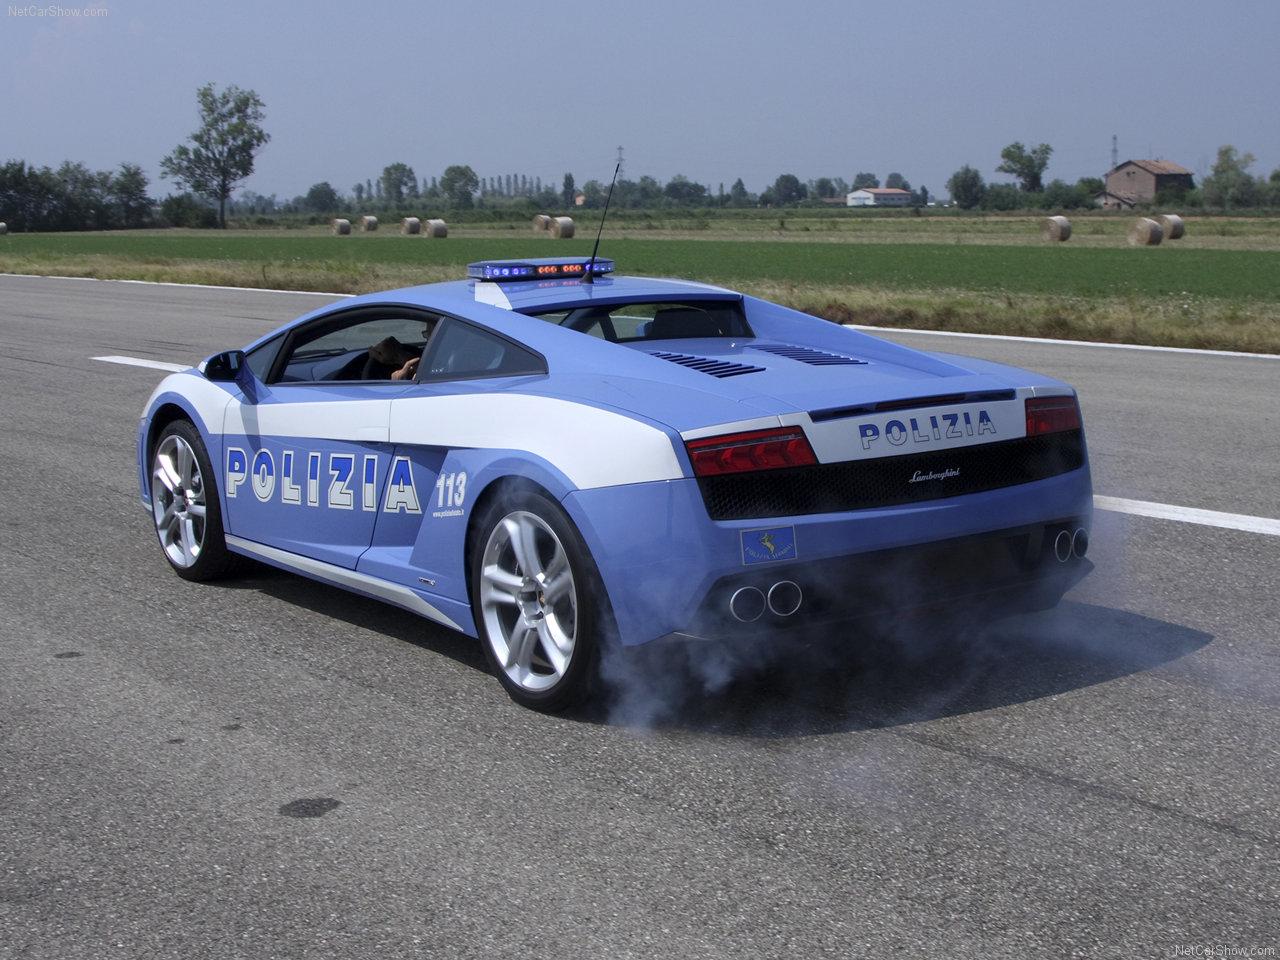 http://2.bp.blogspot.com/-mMdtDft-Vk8/TY8oNo4CCoI/AAAAAAAAA-8/l_USjlIsLnQ/s1600/Lamborghini-Gallardo_LP560-4_Polizia_2009_1280x960_wallpaper_08.jpg